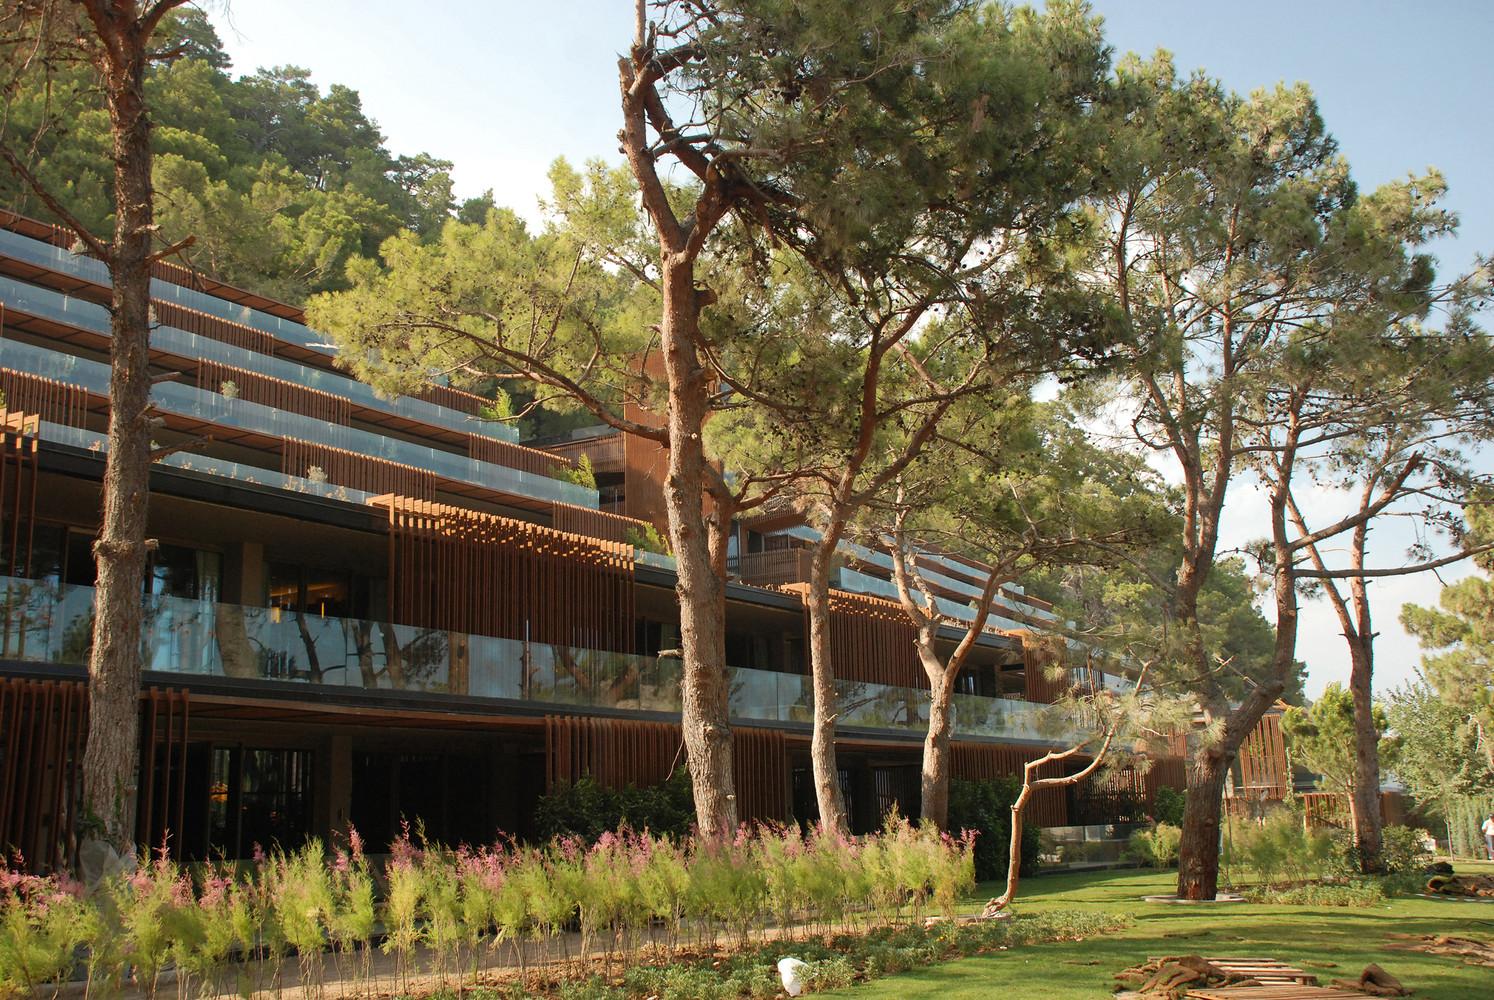 Gallery of Maxx Royal Kemer Hotel / Baraka Architects - 2